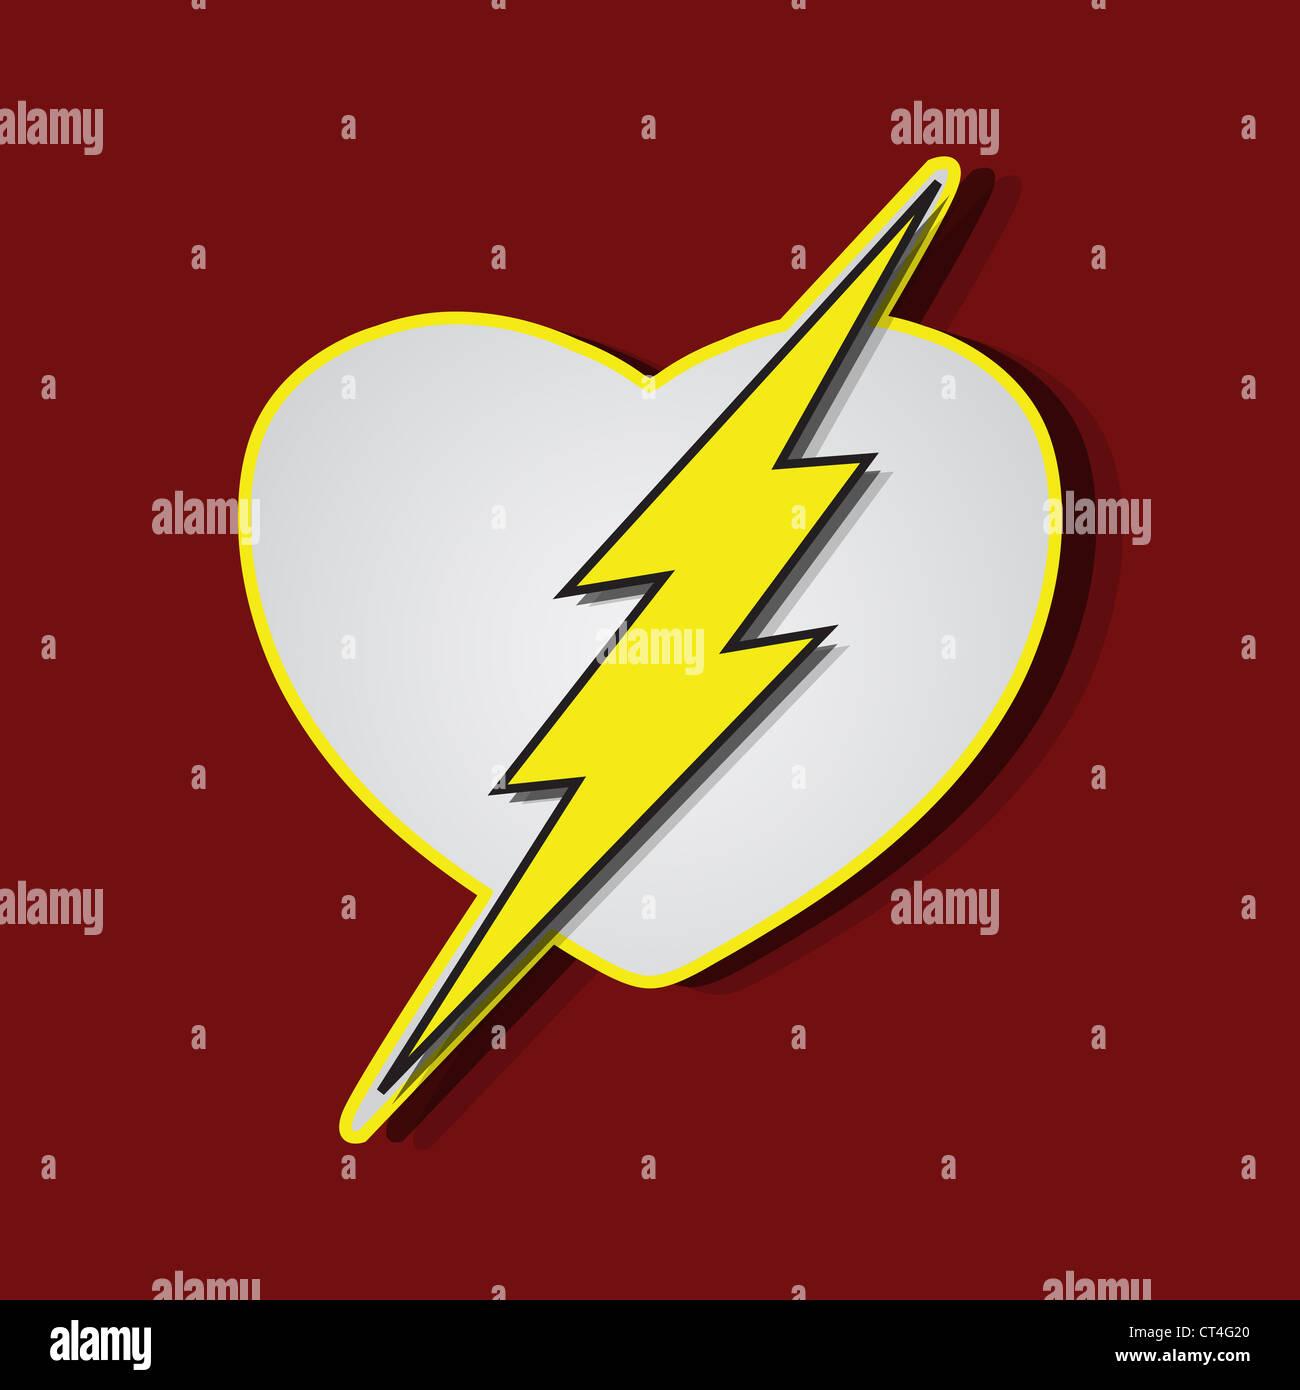 Superhero shields shaped like a heart symbol for strong love superhero shields shaped like a heart symbol for strong love buycottarizona